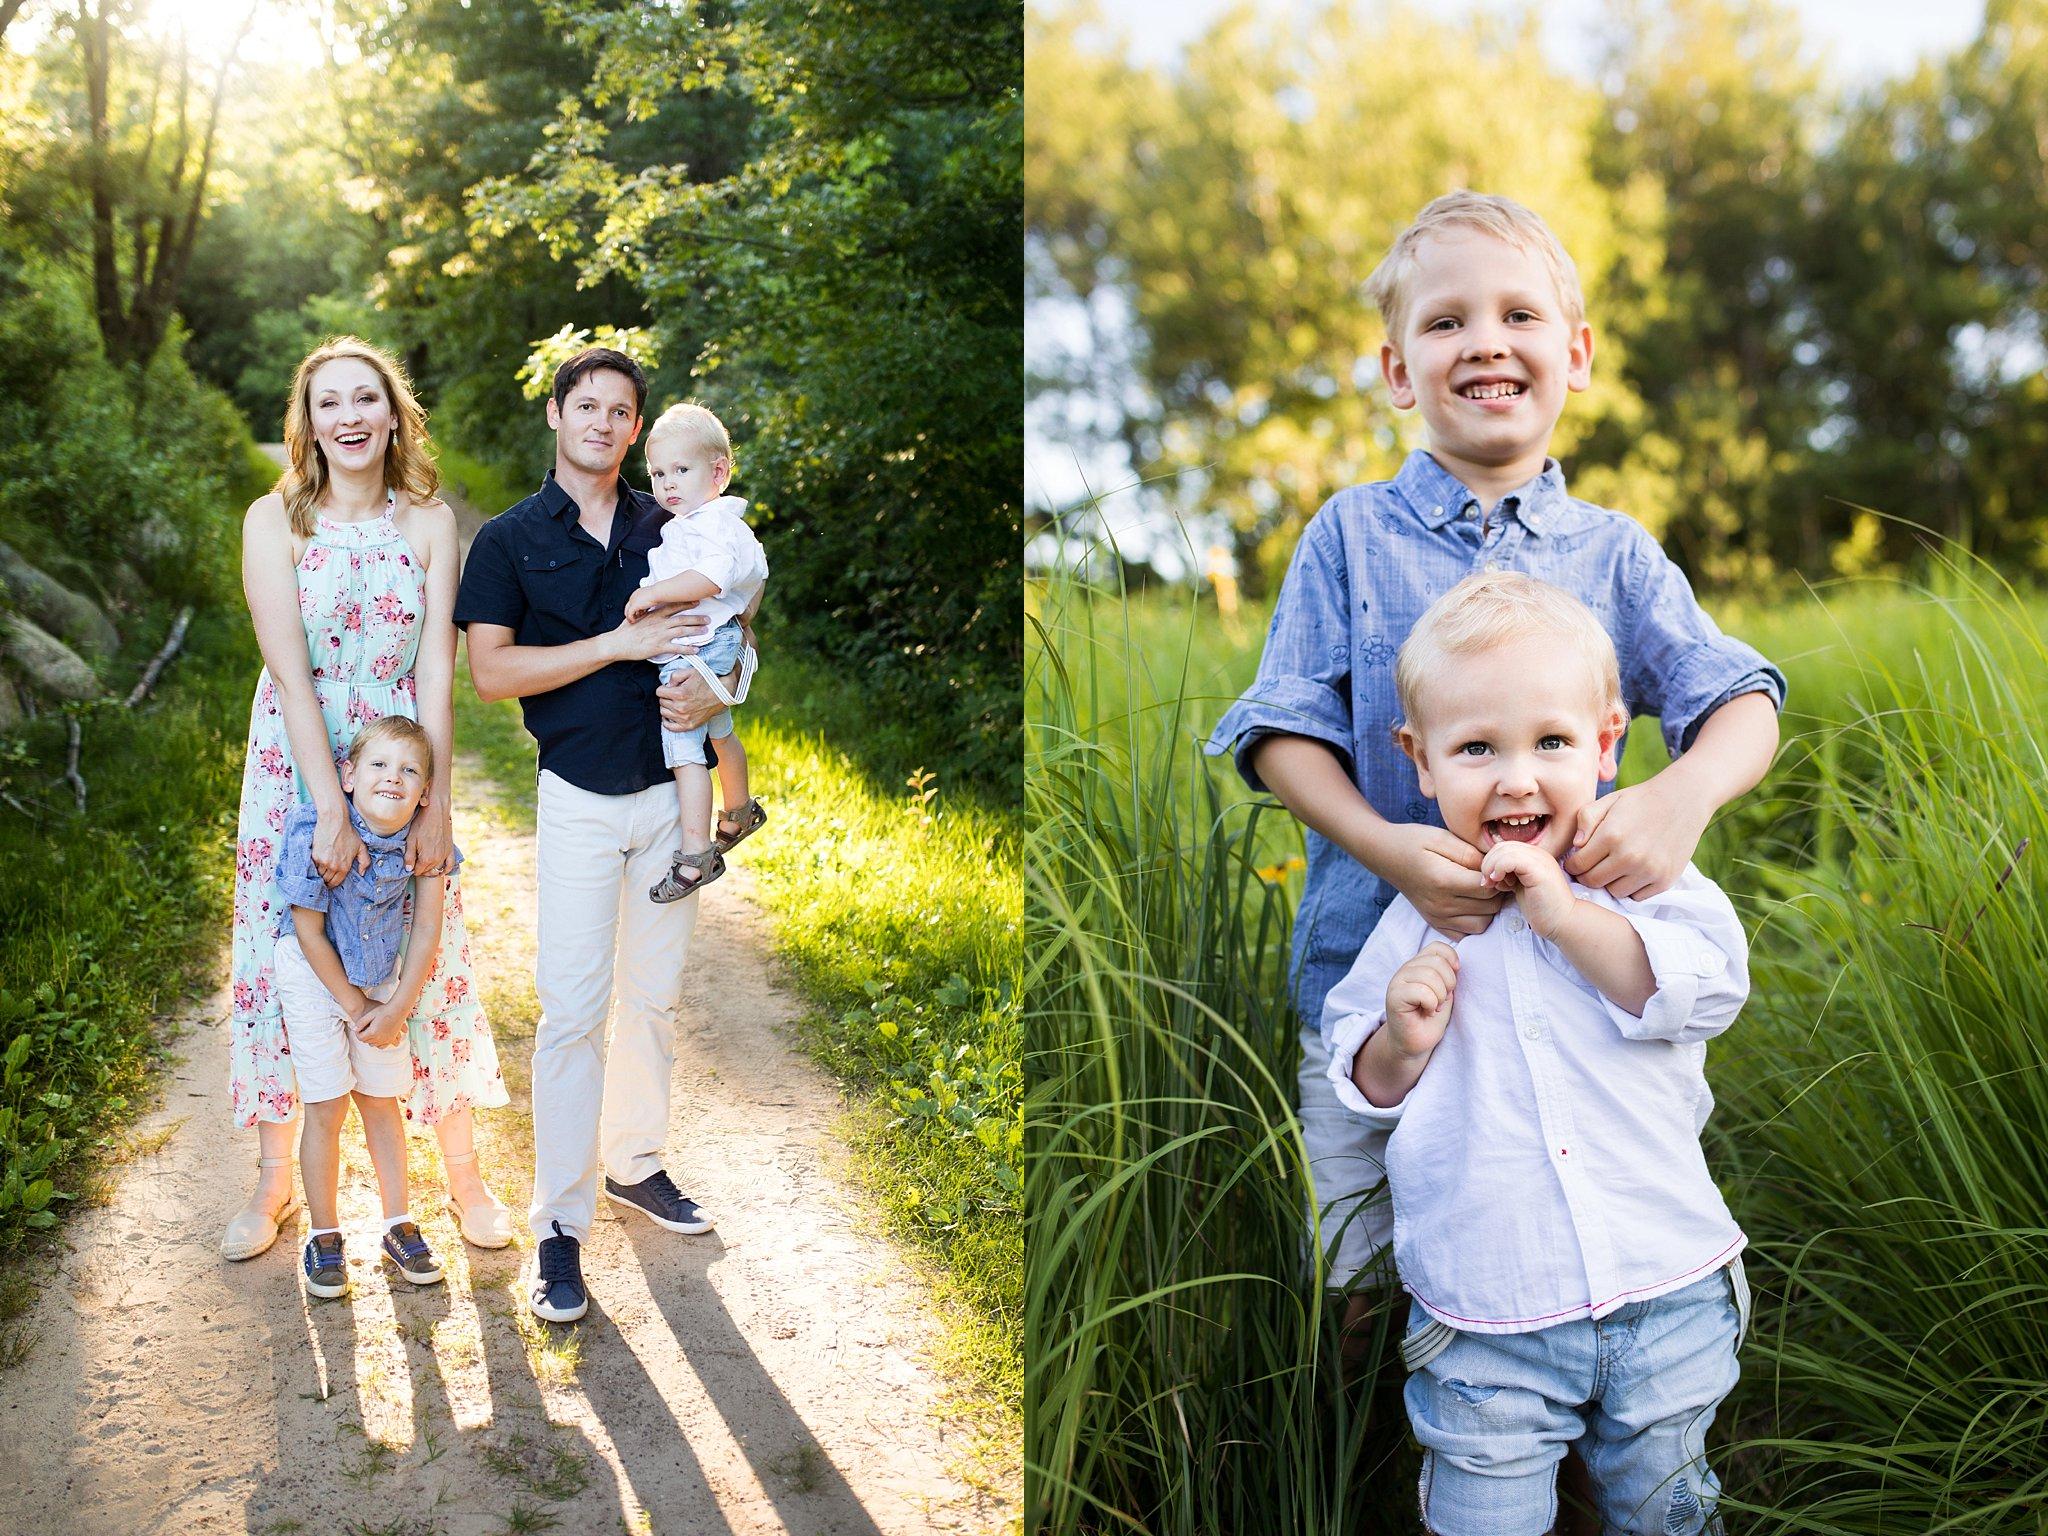 FamilyM_Blog_03.jpg